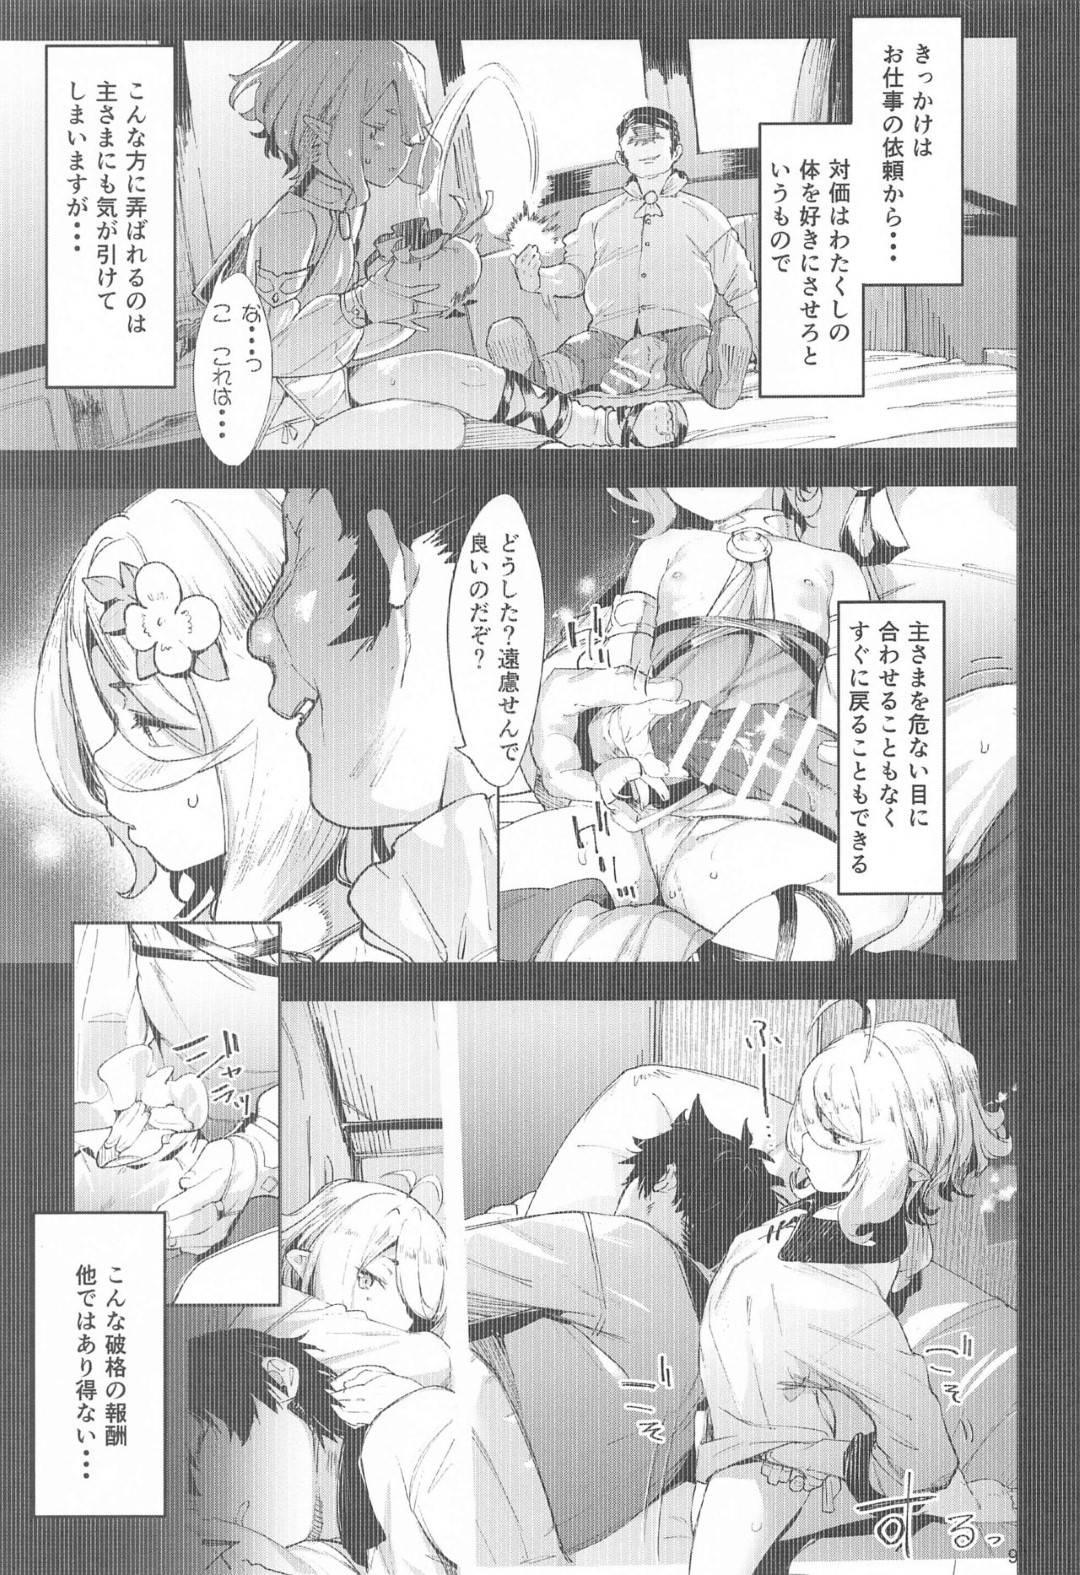 【プリンセスコネクト!Re:Diveエロ漫画】主さまを慕うコッコロは巨根の男に寝取られ小さな身体で大きなチンポをゴムハメ挿入され調教されてしまう【かろちー】